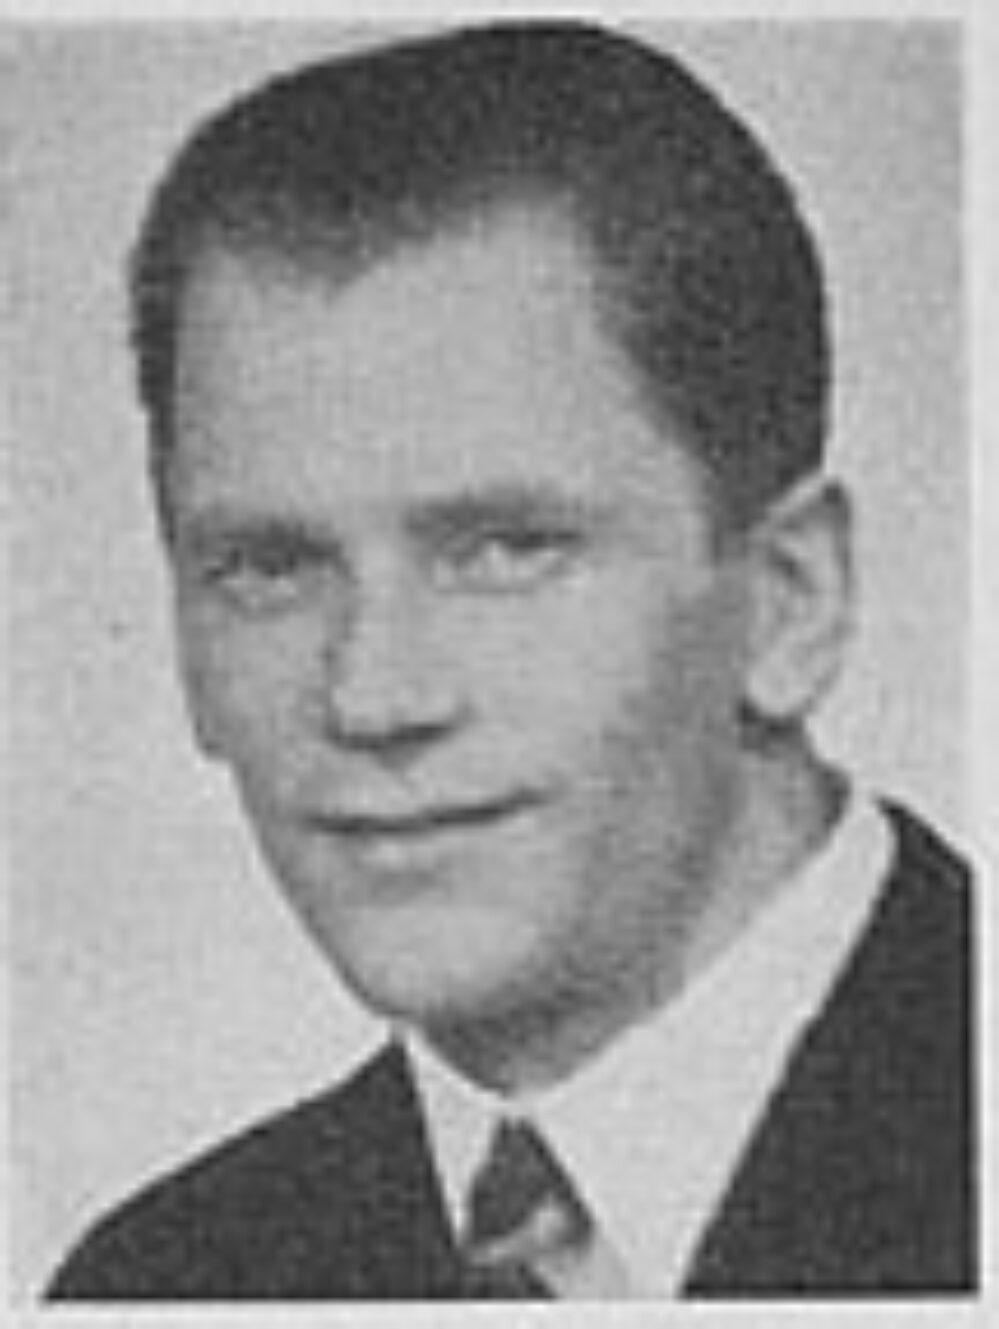 Karl Bryndlund Johansen